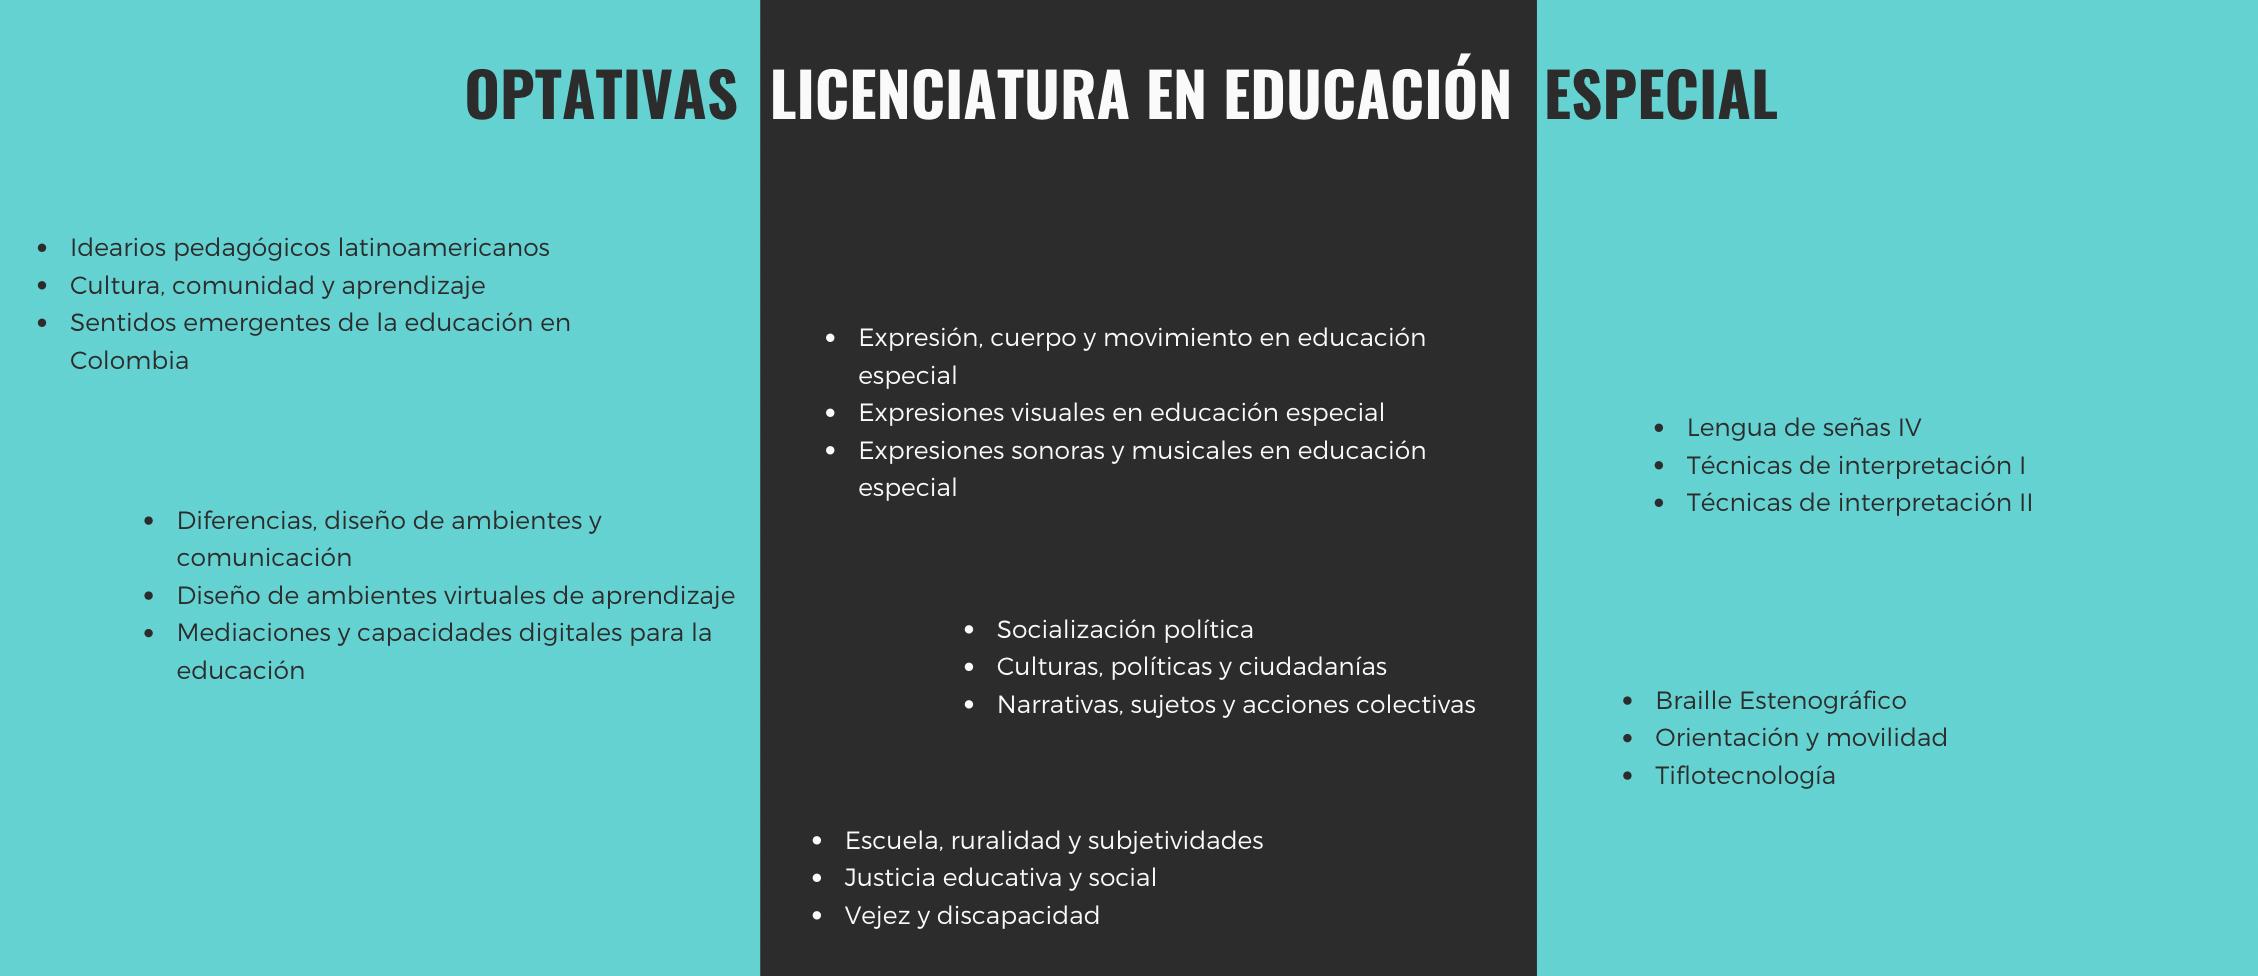 Asignaturas Opotativas Licenciatura en Educación Especial